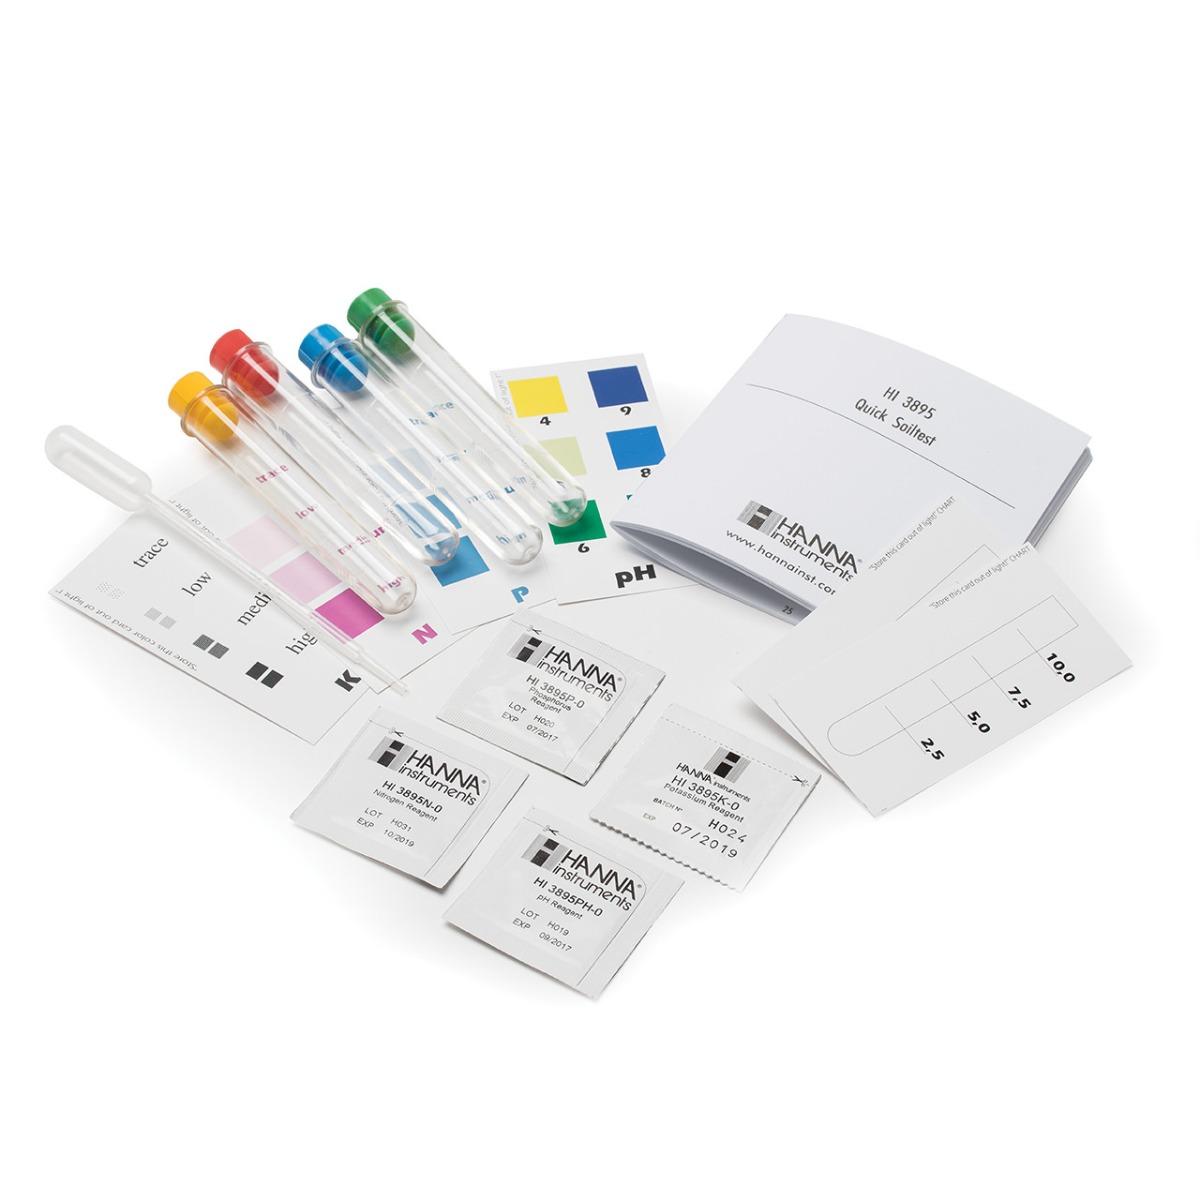 HI3895 Quick Soil Test Kit